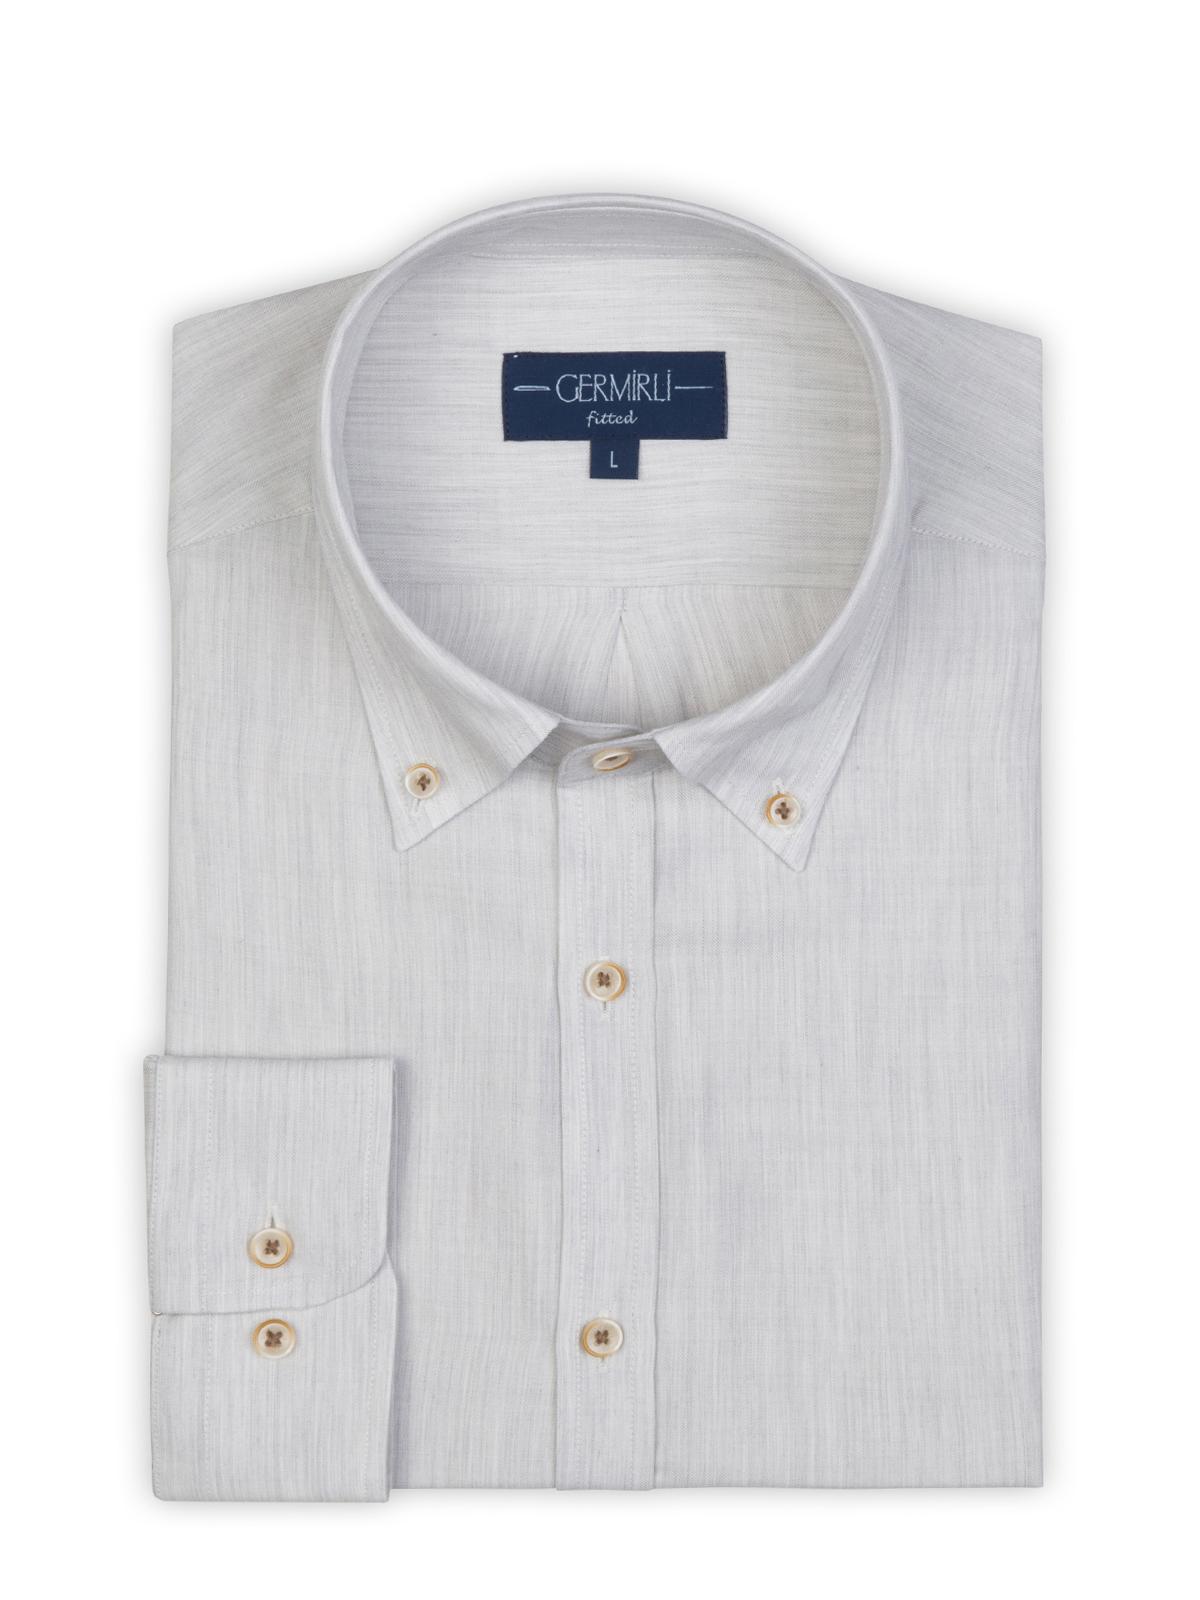 Germirli Açık Gri Yünlü Filafil Doku Düğmeli Yaka Tailor Fit Gömlek